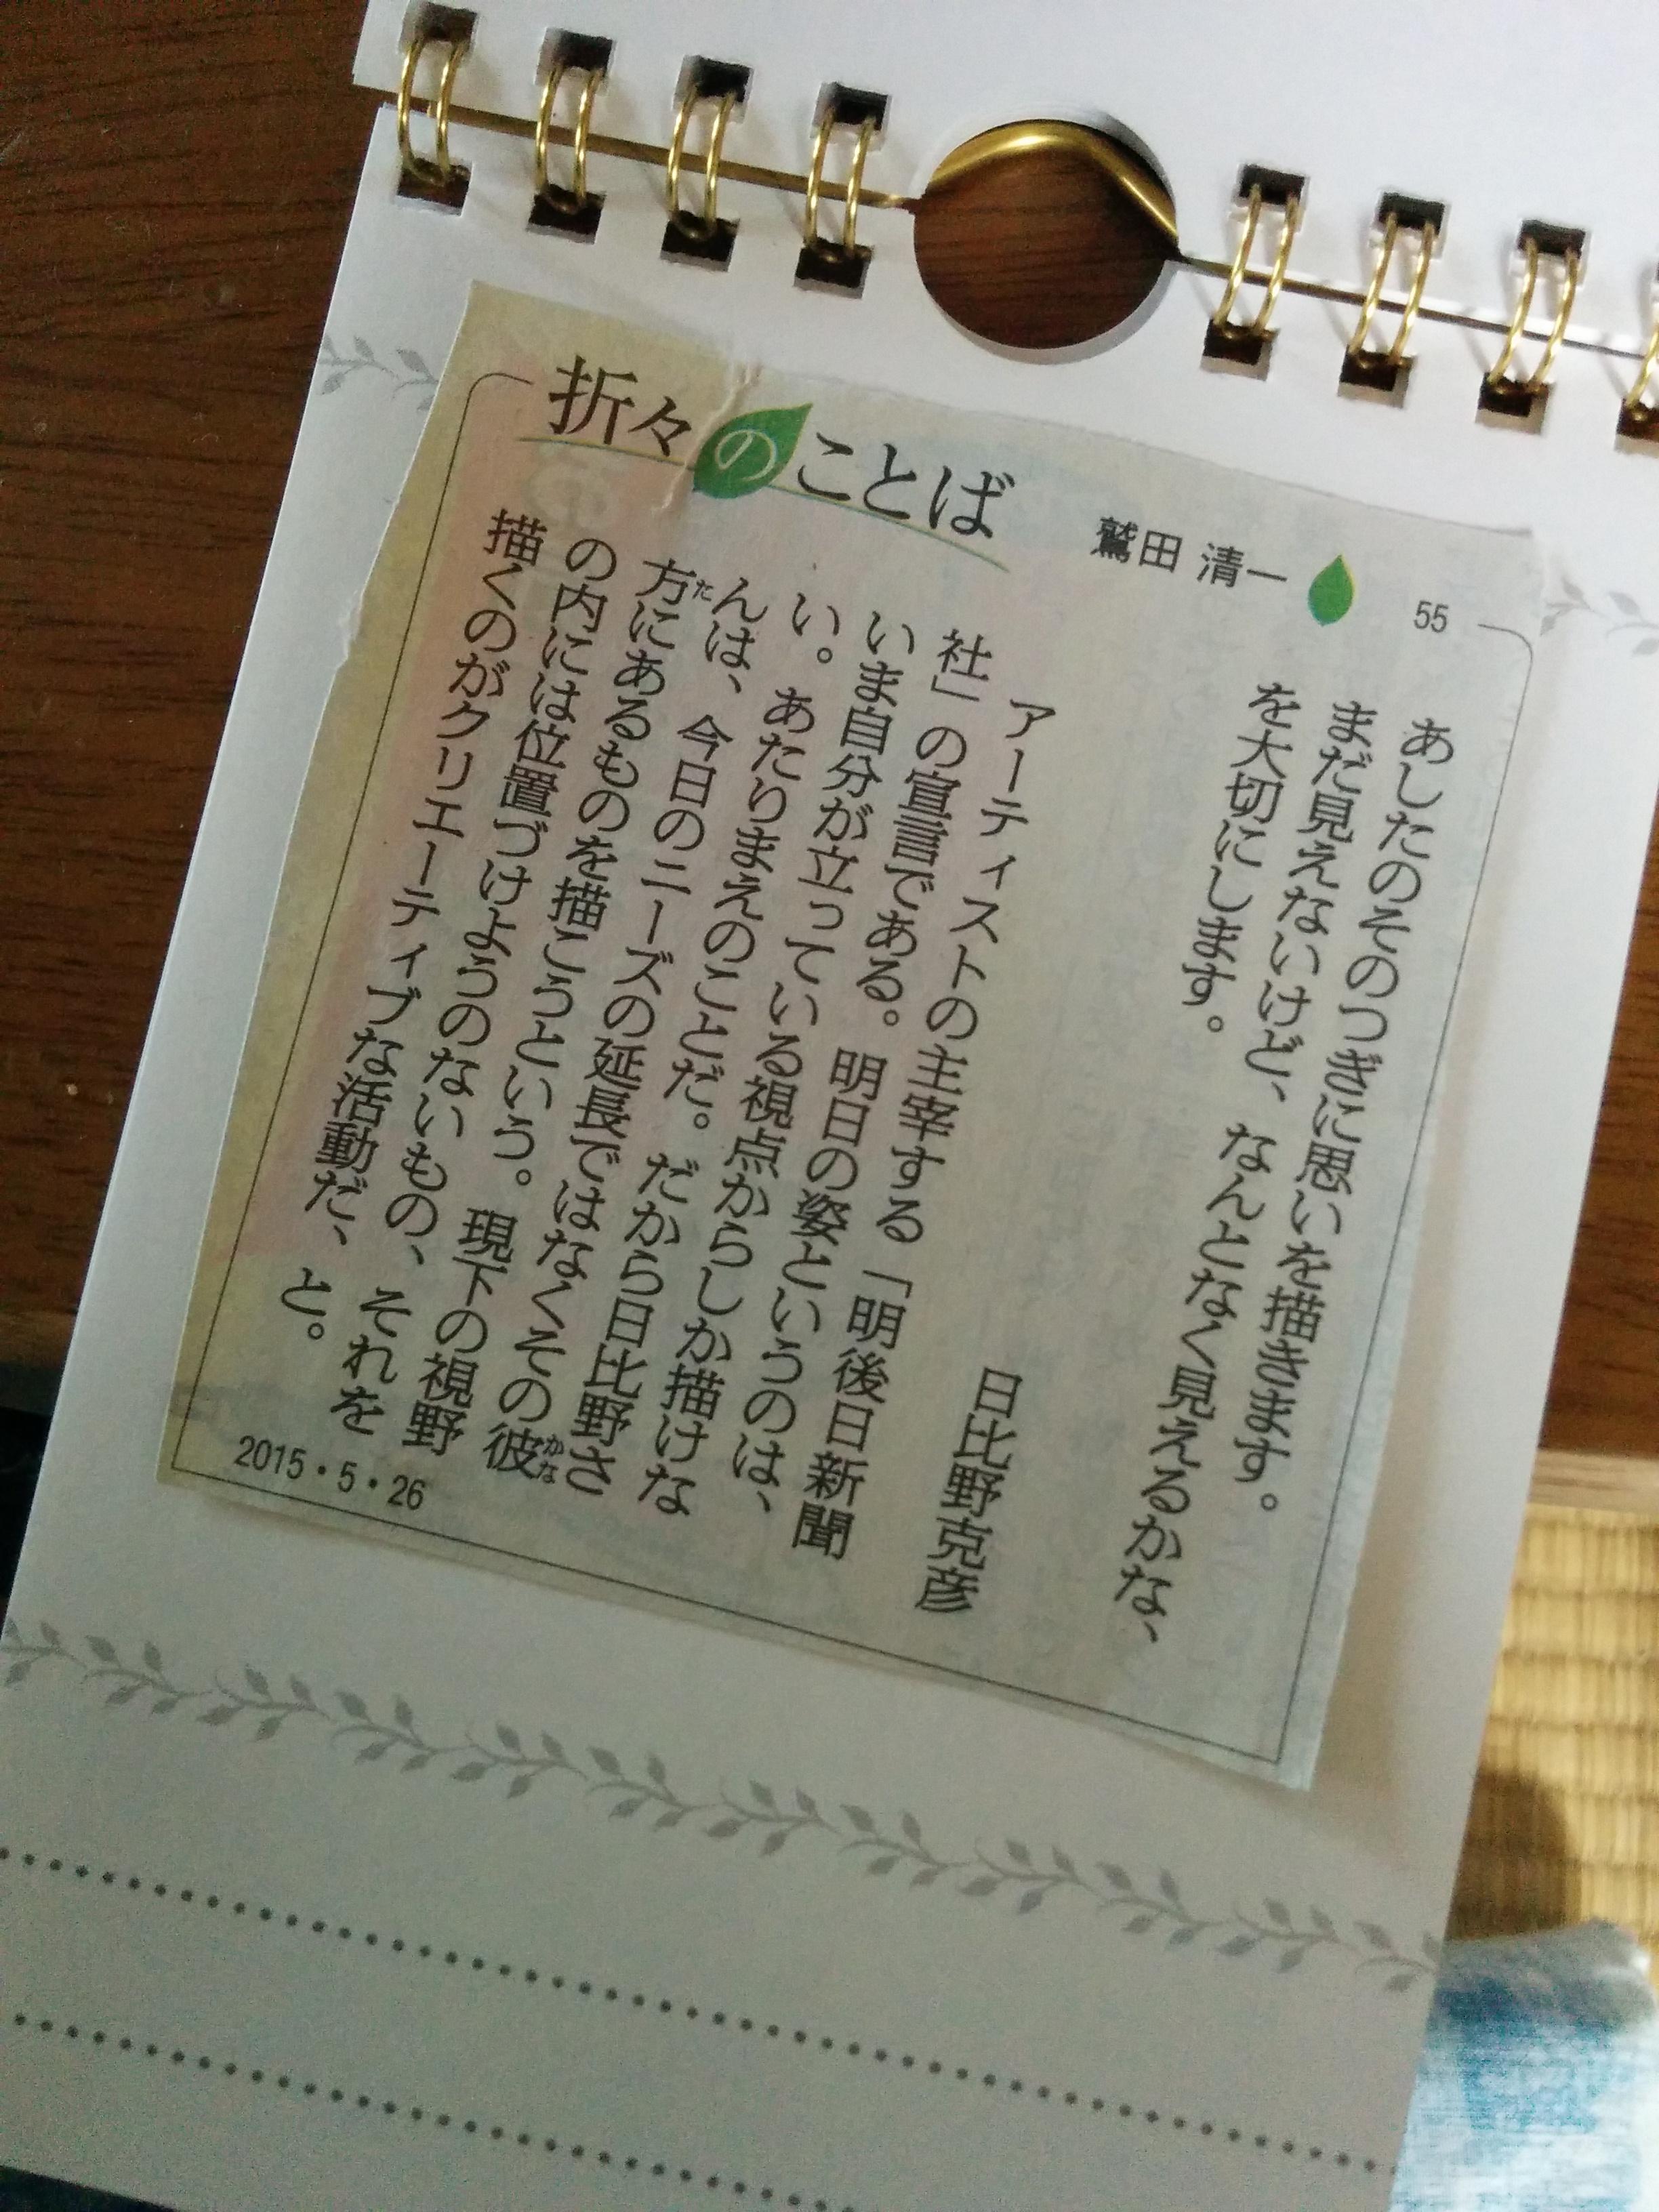 朝日新聞『折々のことば』に専用スクラップブックあります